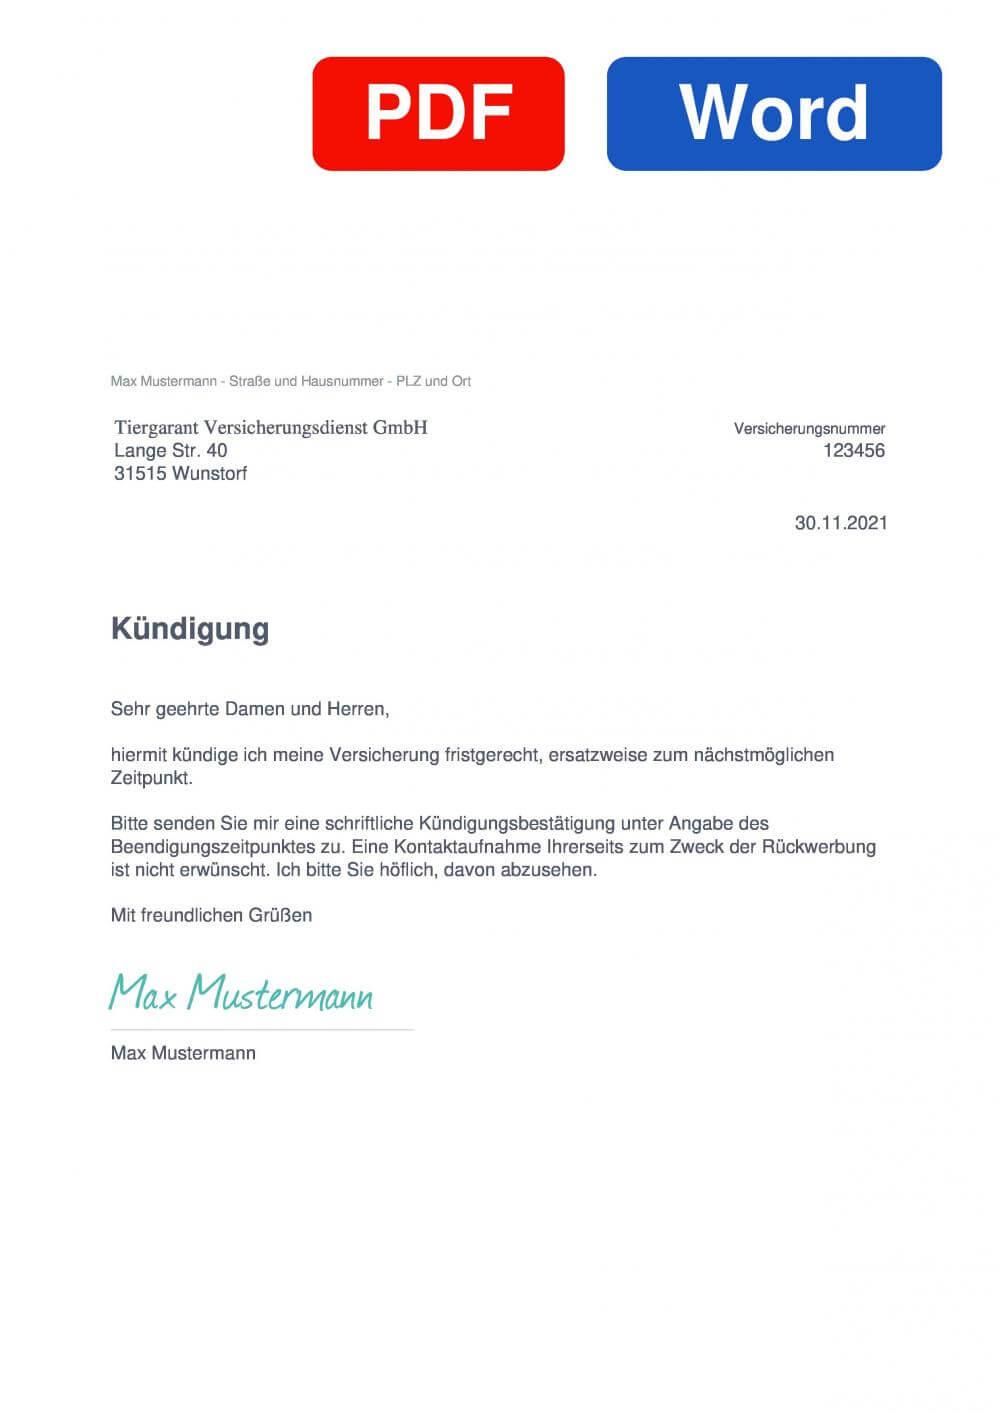 Petplan Muster Vorlage für Kündigungsschreiben